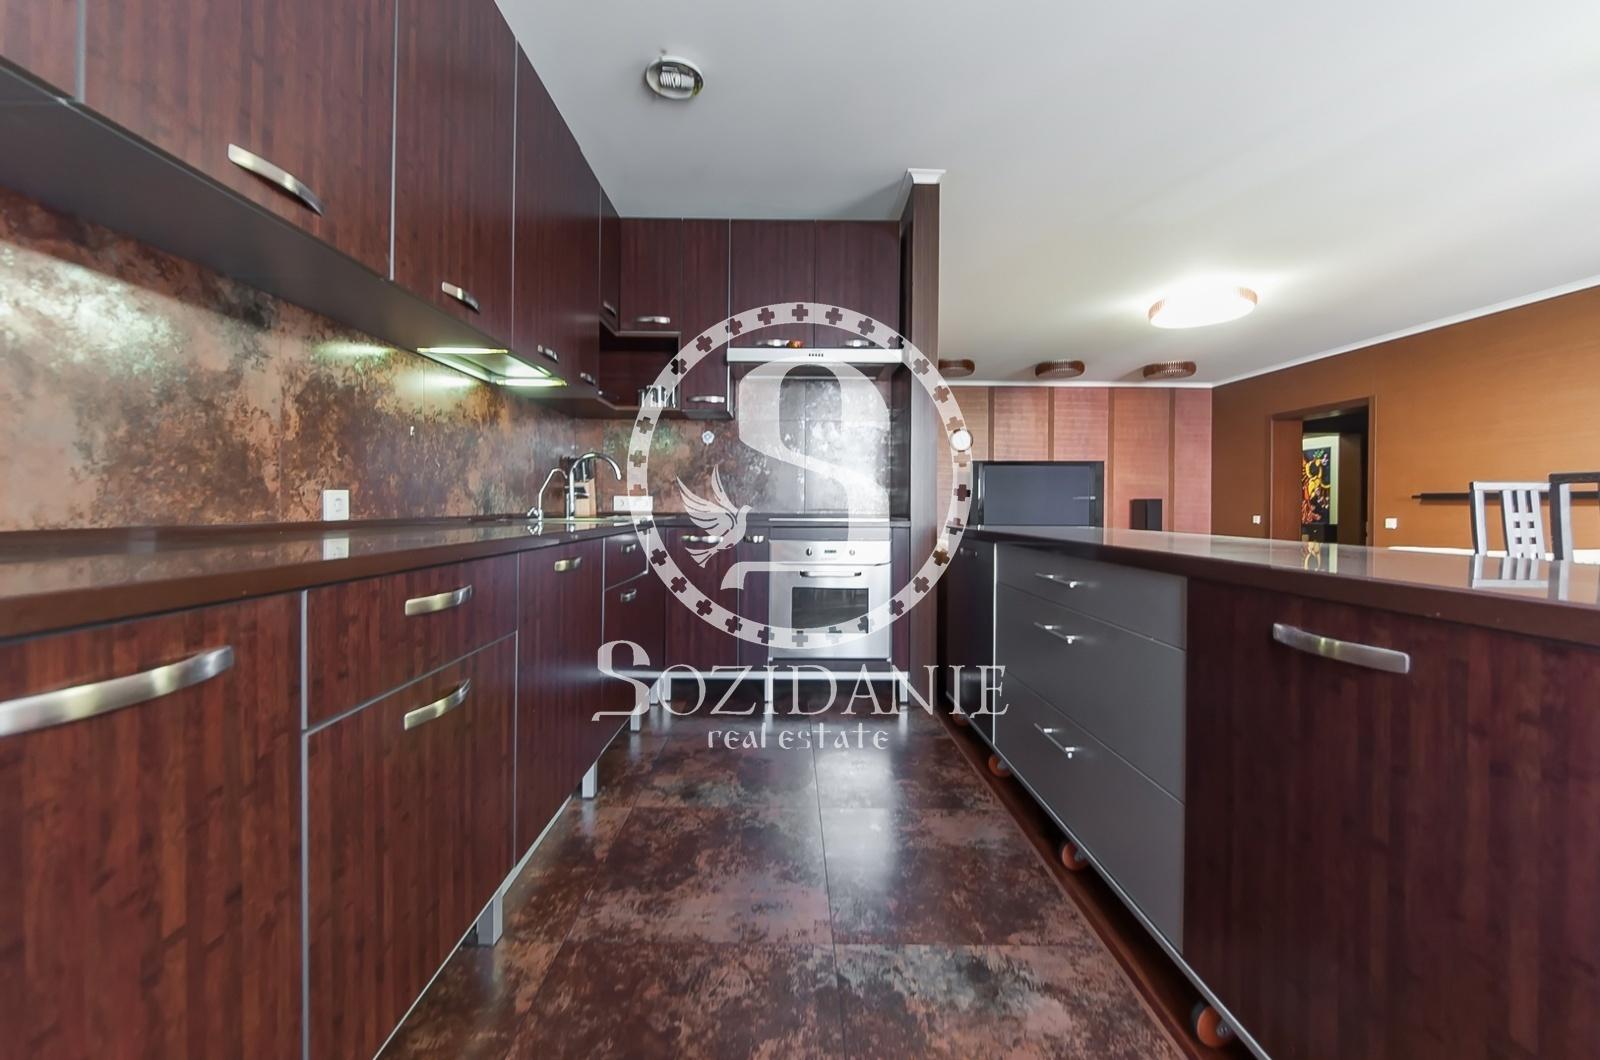 4 Комнаты, Городская, Продажа, Мичуринский проспект , Listing ID 3382, Москва, Россия,